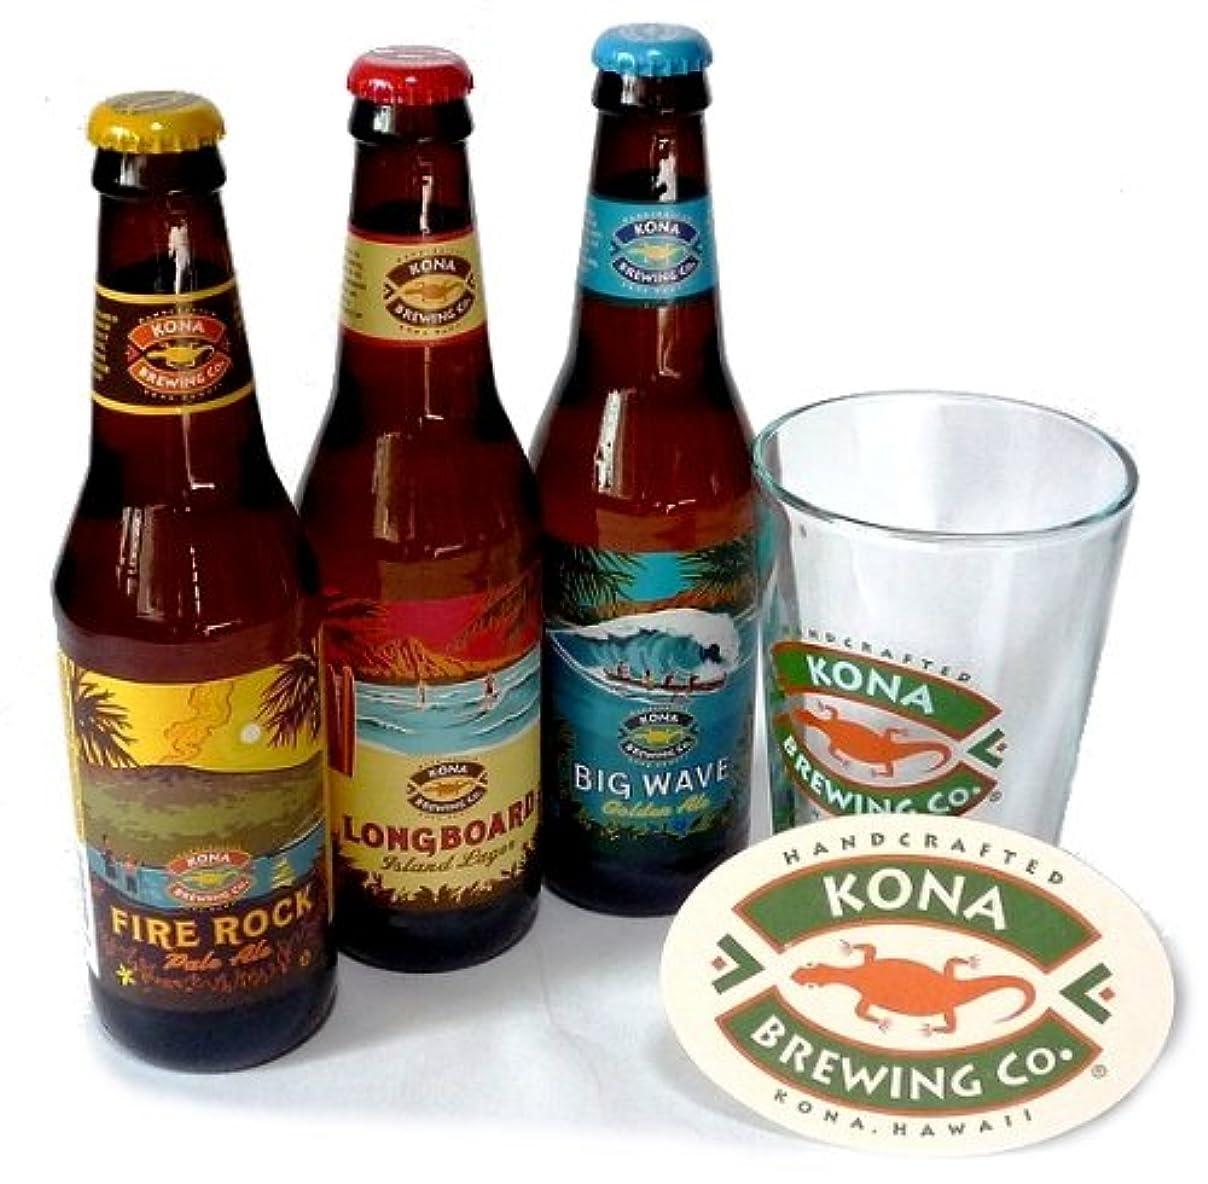 憂慮すべき控える喜ぶコナビール 定番3種9本 + グラス?コースターセット